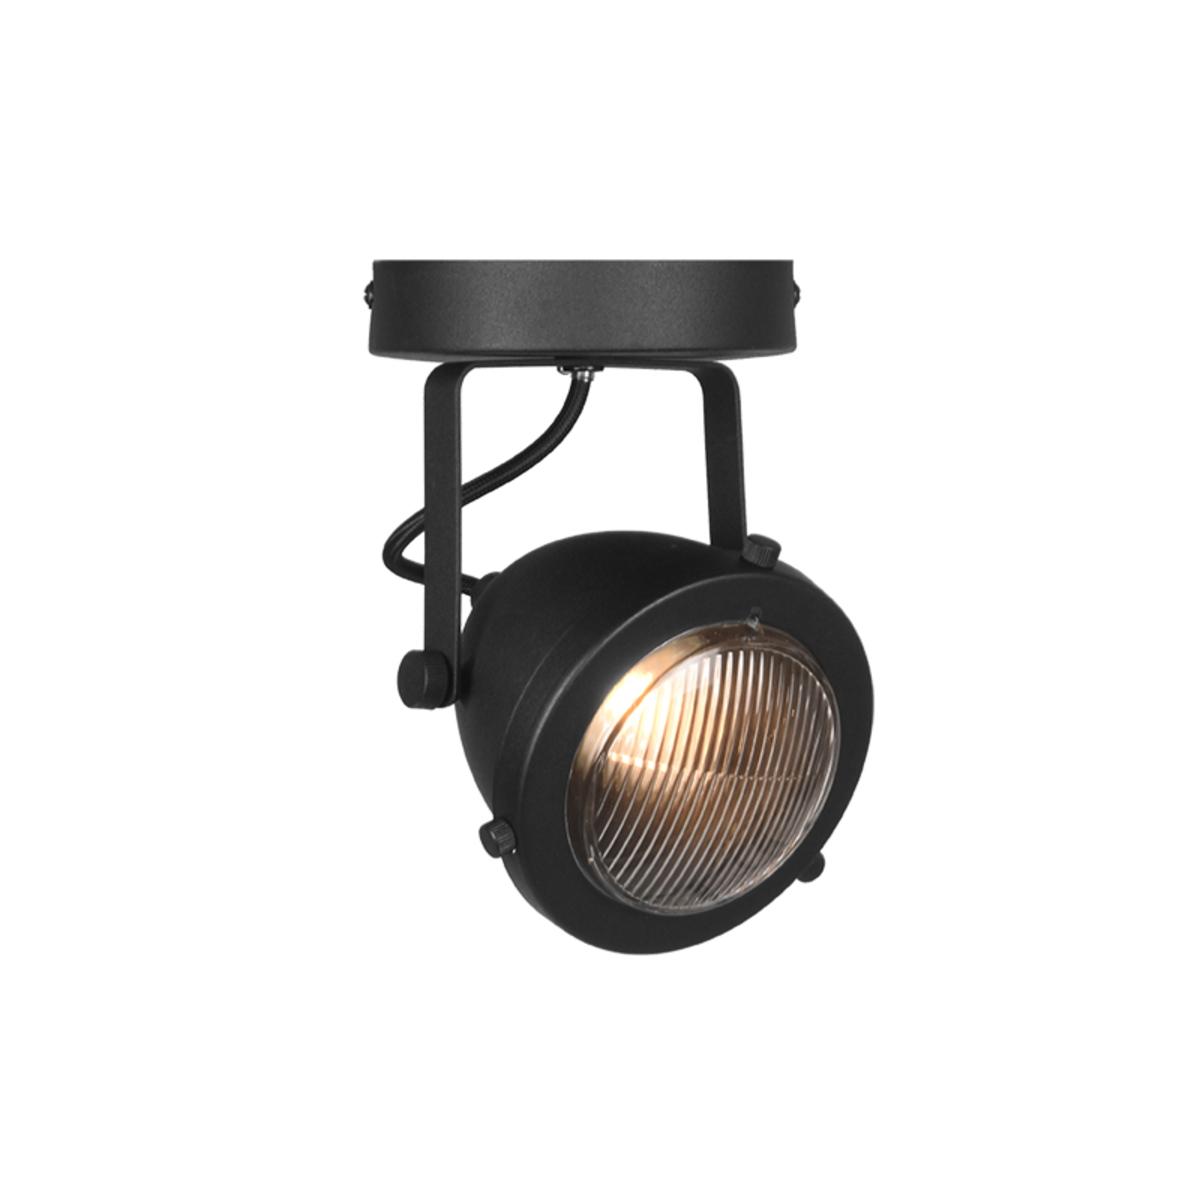 LABEL51 Spot Moto led - Zwart - Metaal - 1 Lichts